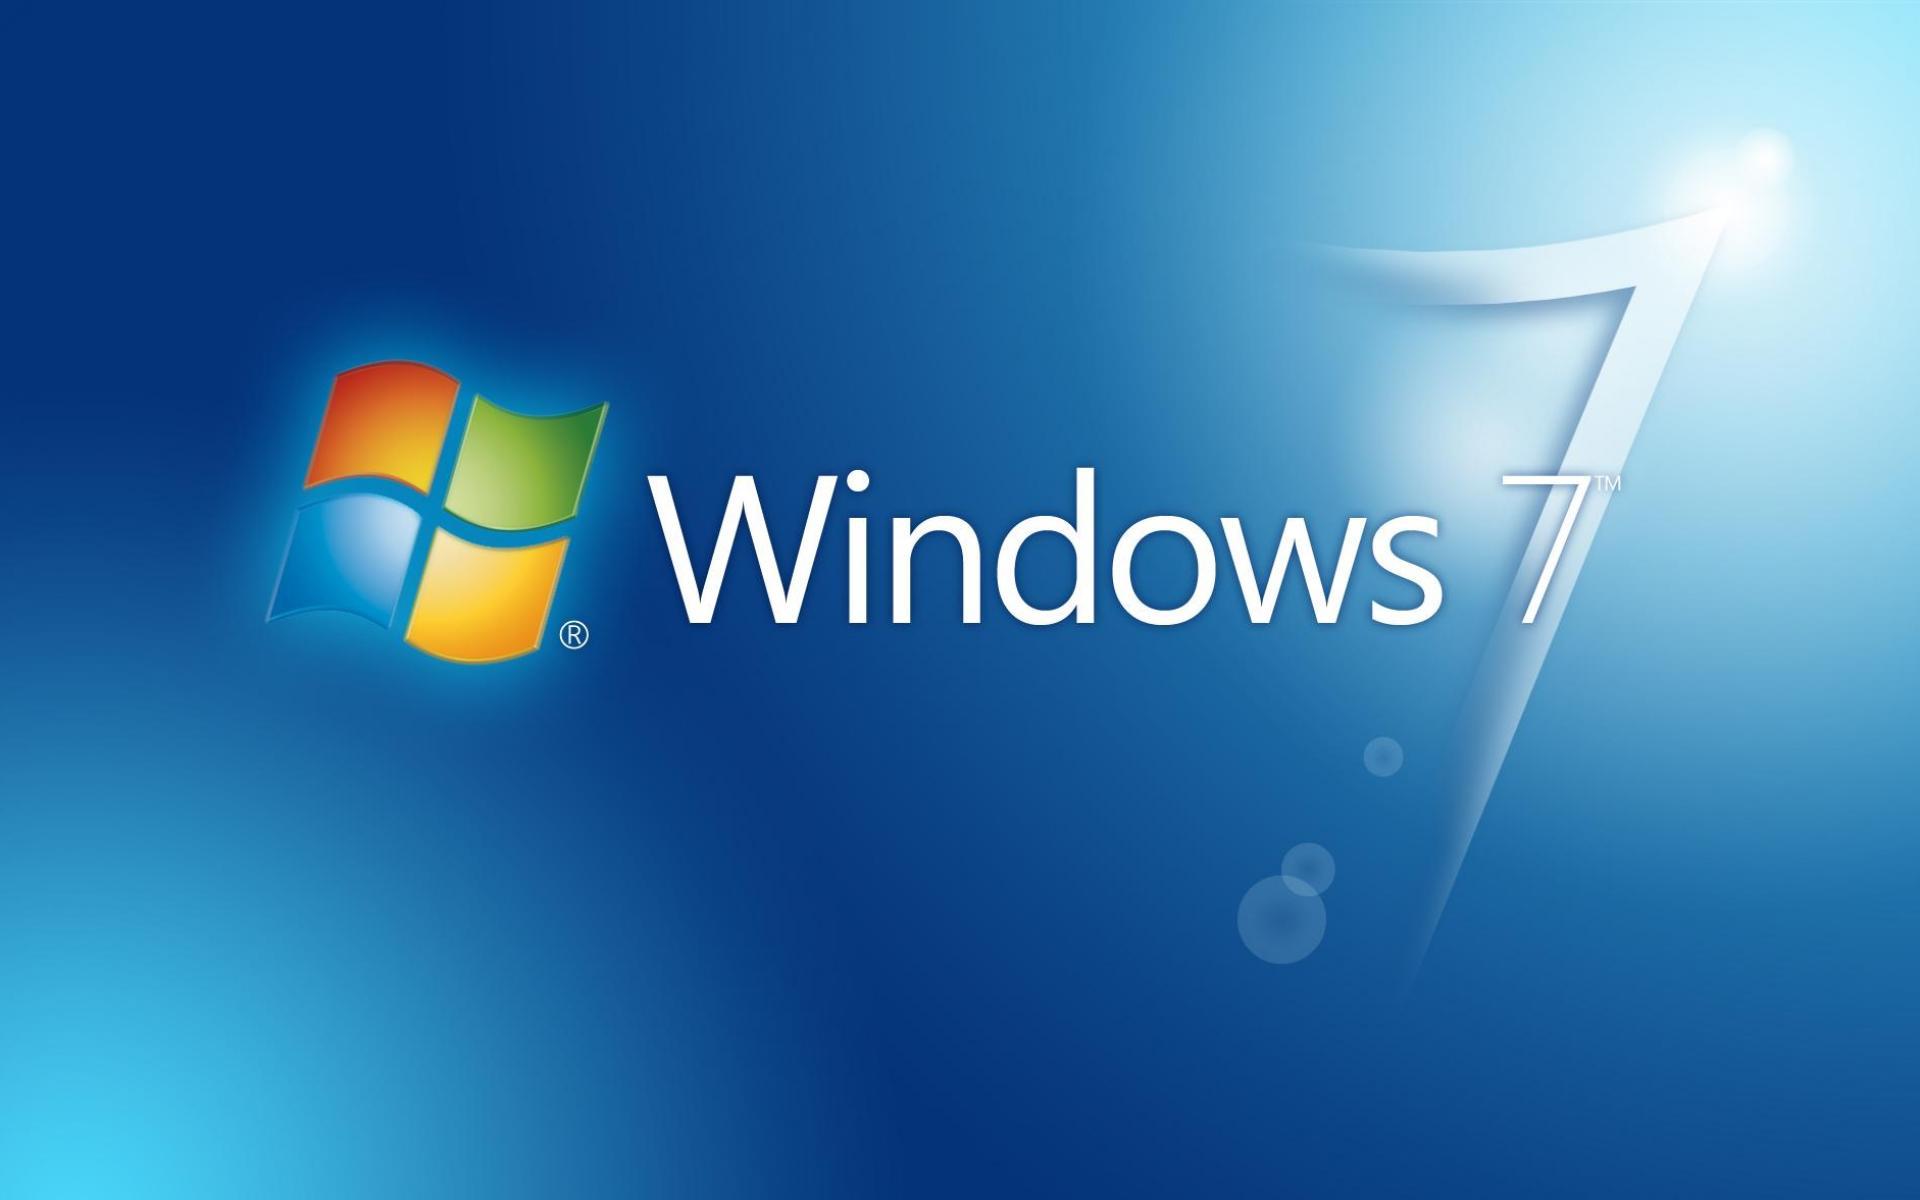 Windows 7 1920x1200 скачать бесплатно 1920x1200